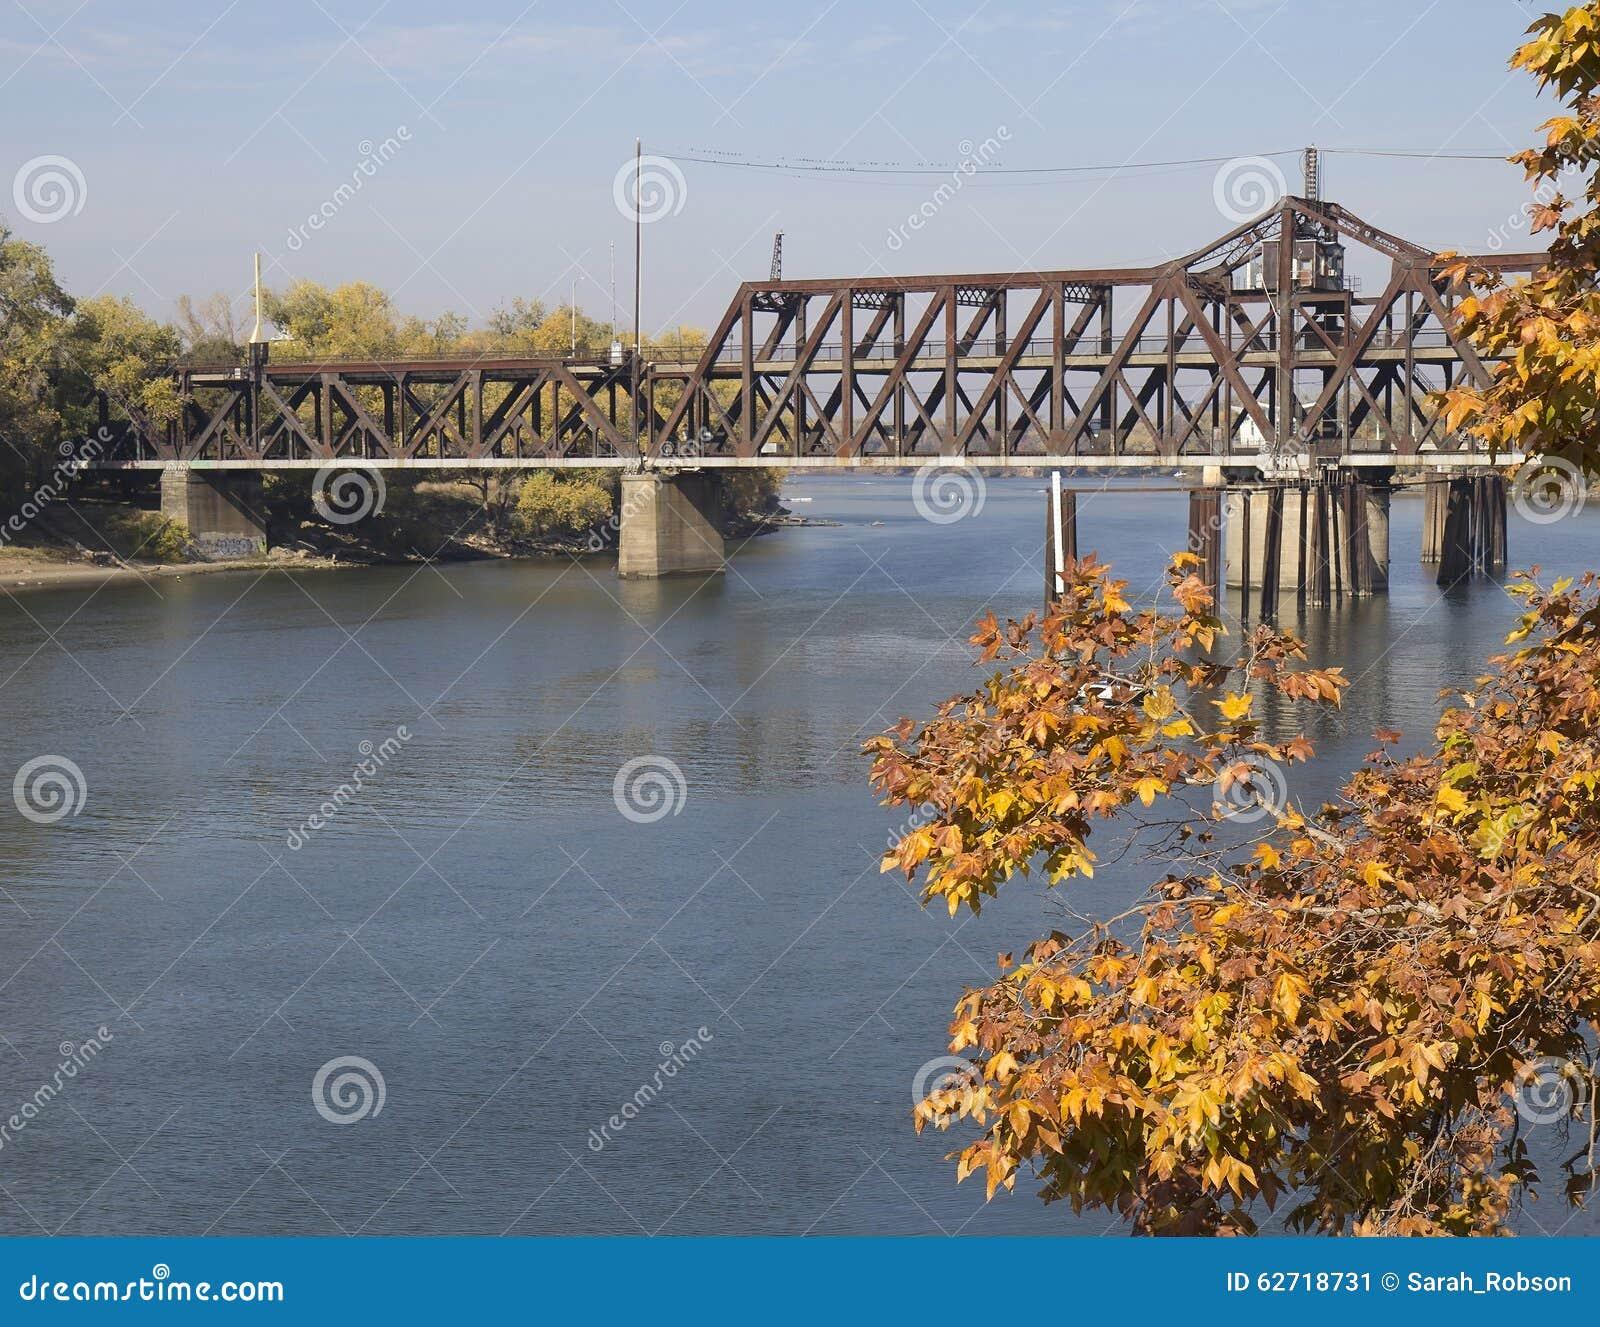 Ιστορική γέφυρα οδών Ι στο Σακραμέντο, Καλιφόρνια